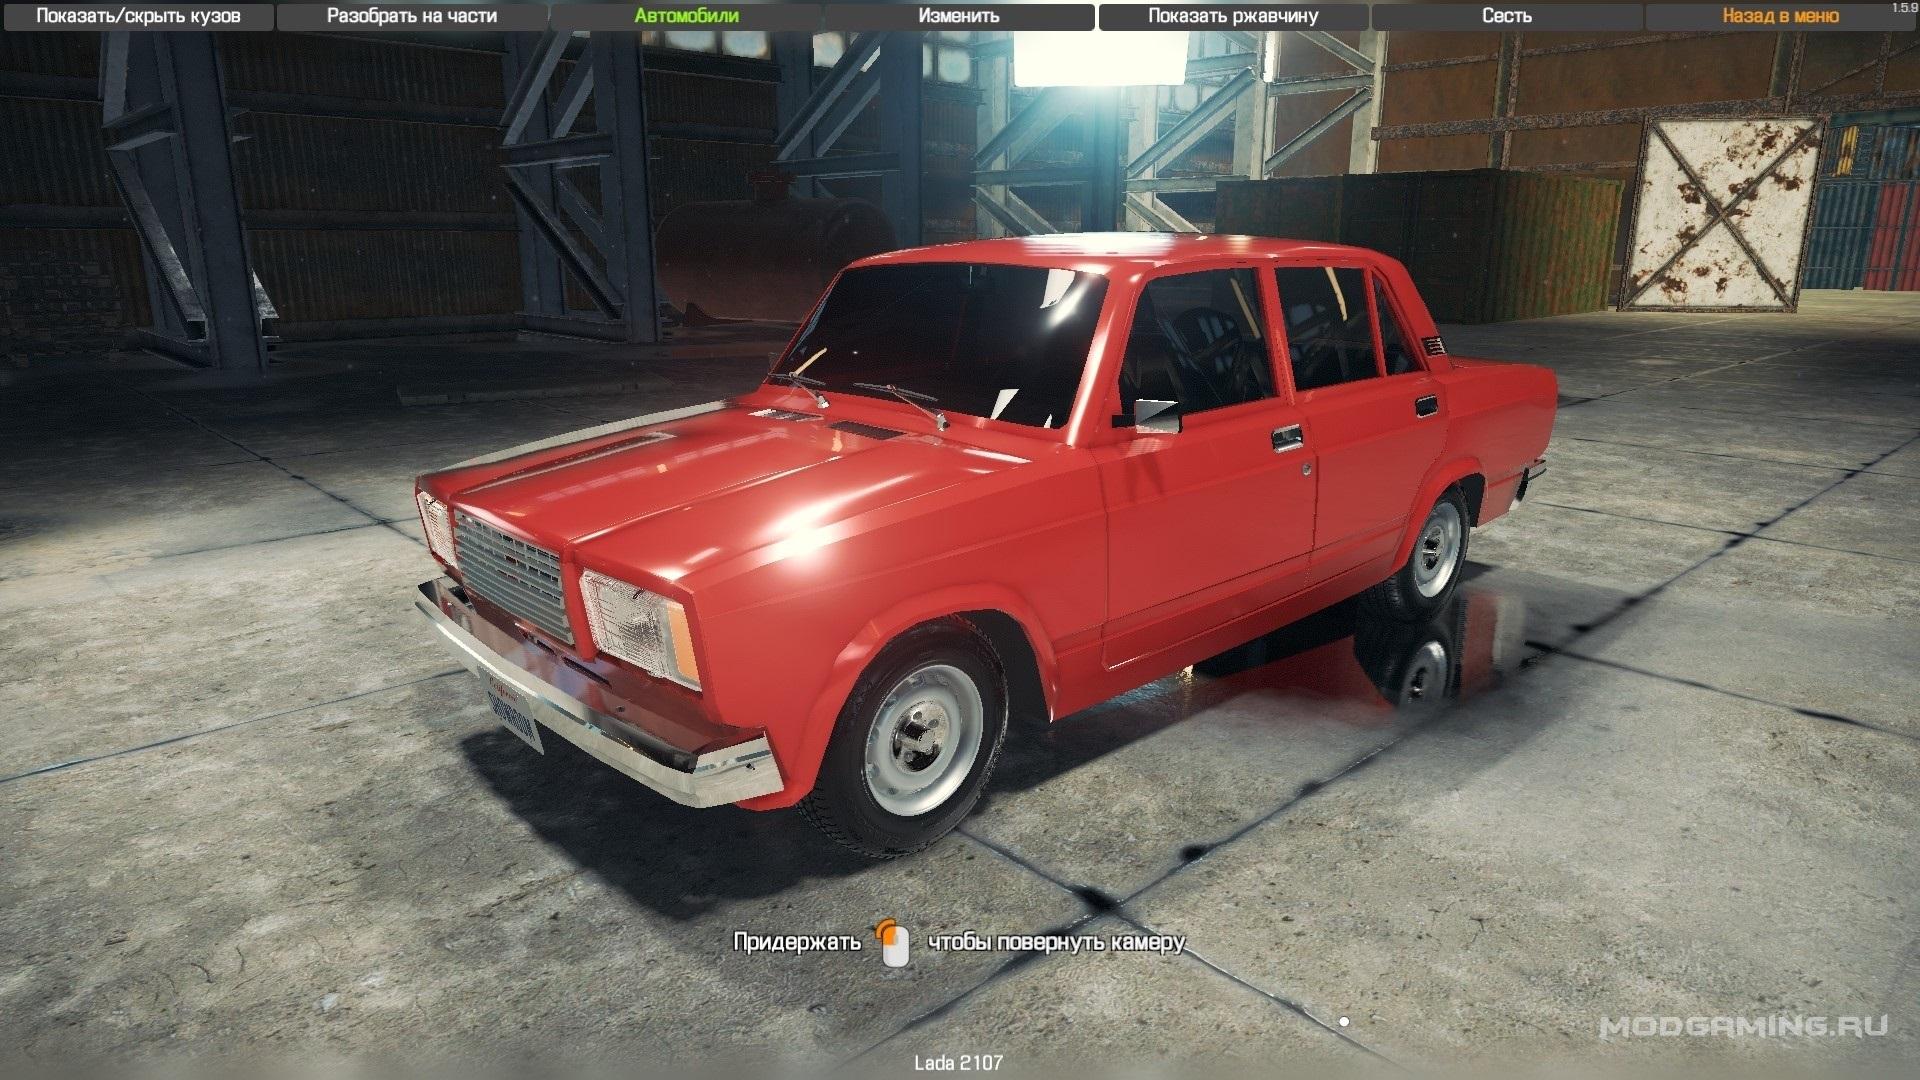 Русские машины картинки022